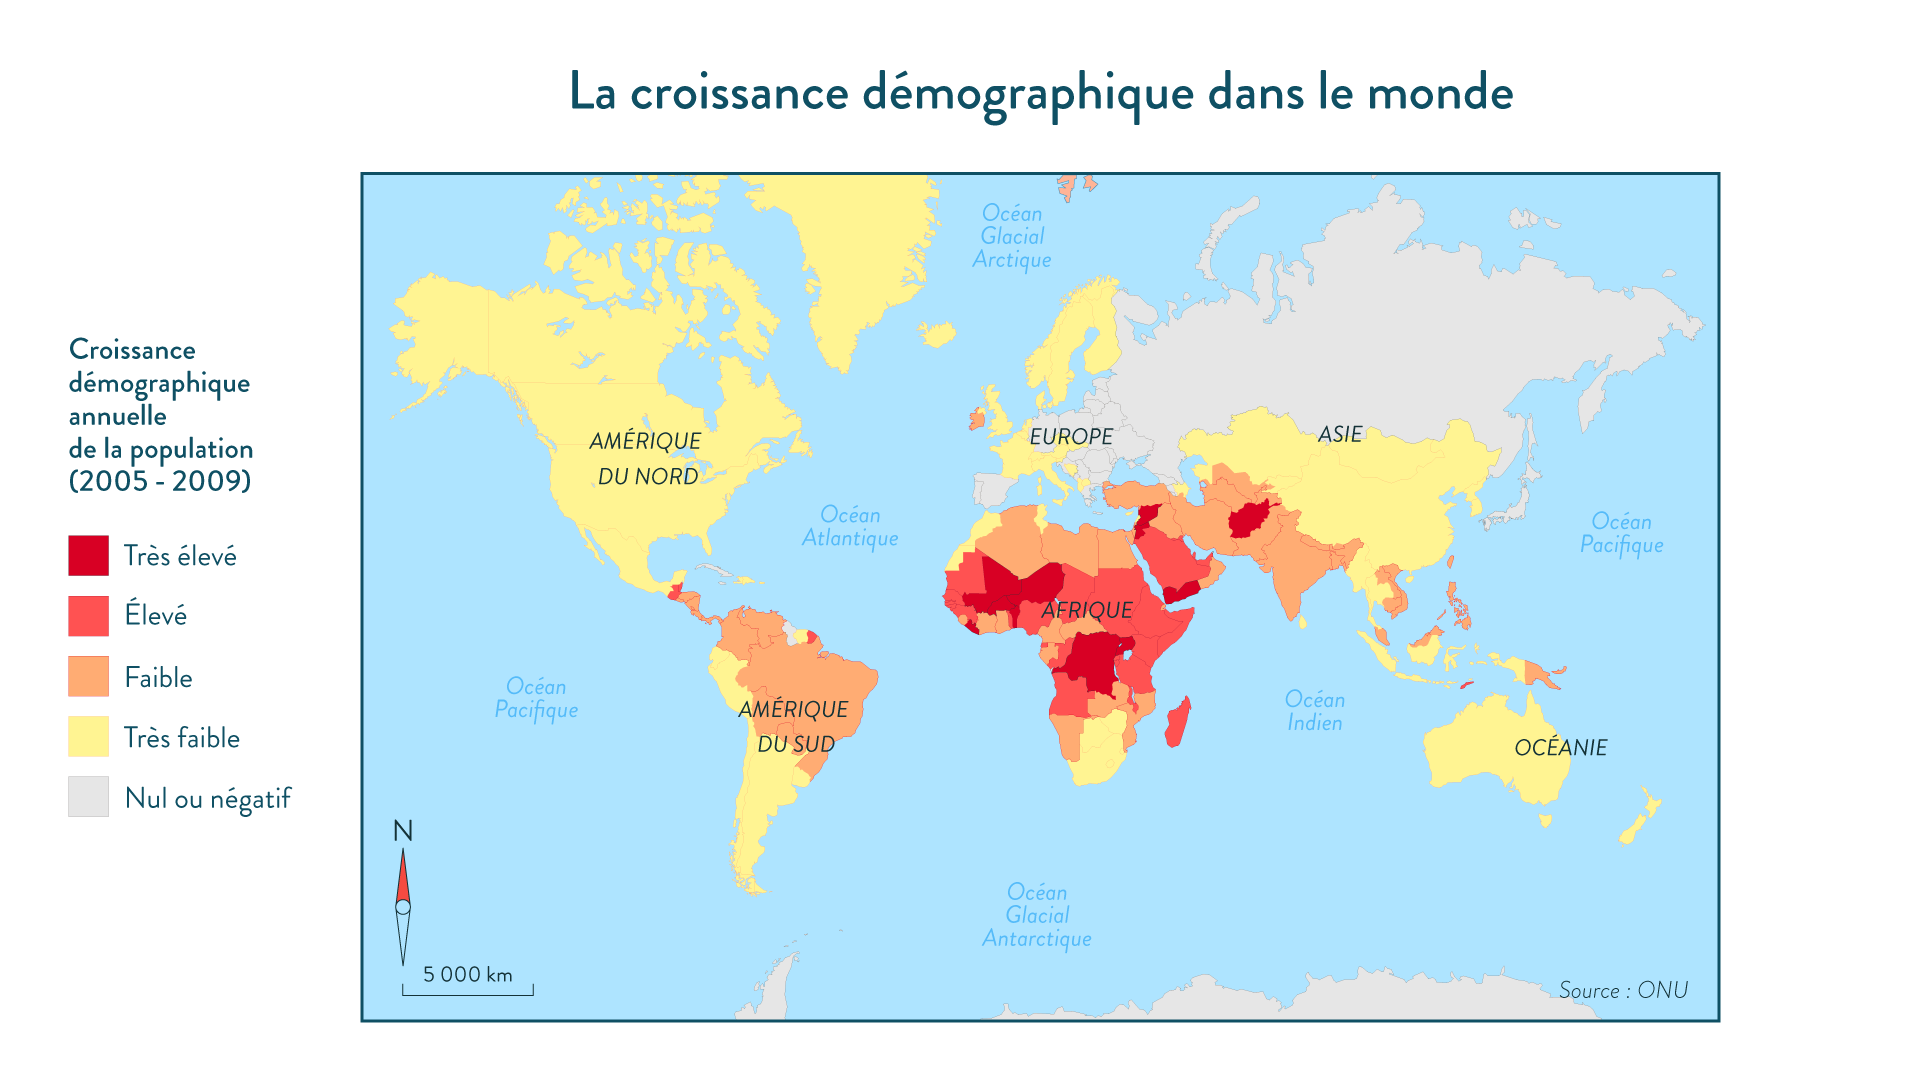 La croissance démographique dans le monde géographie cinquième